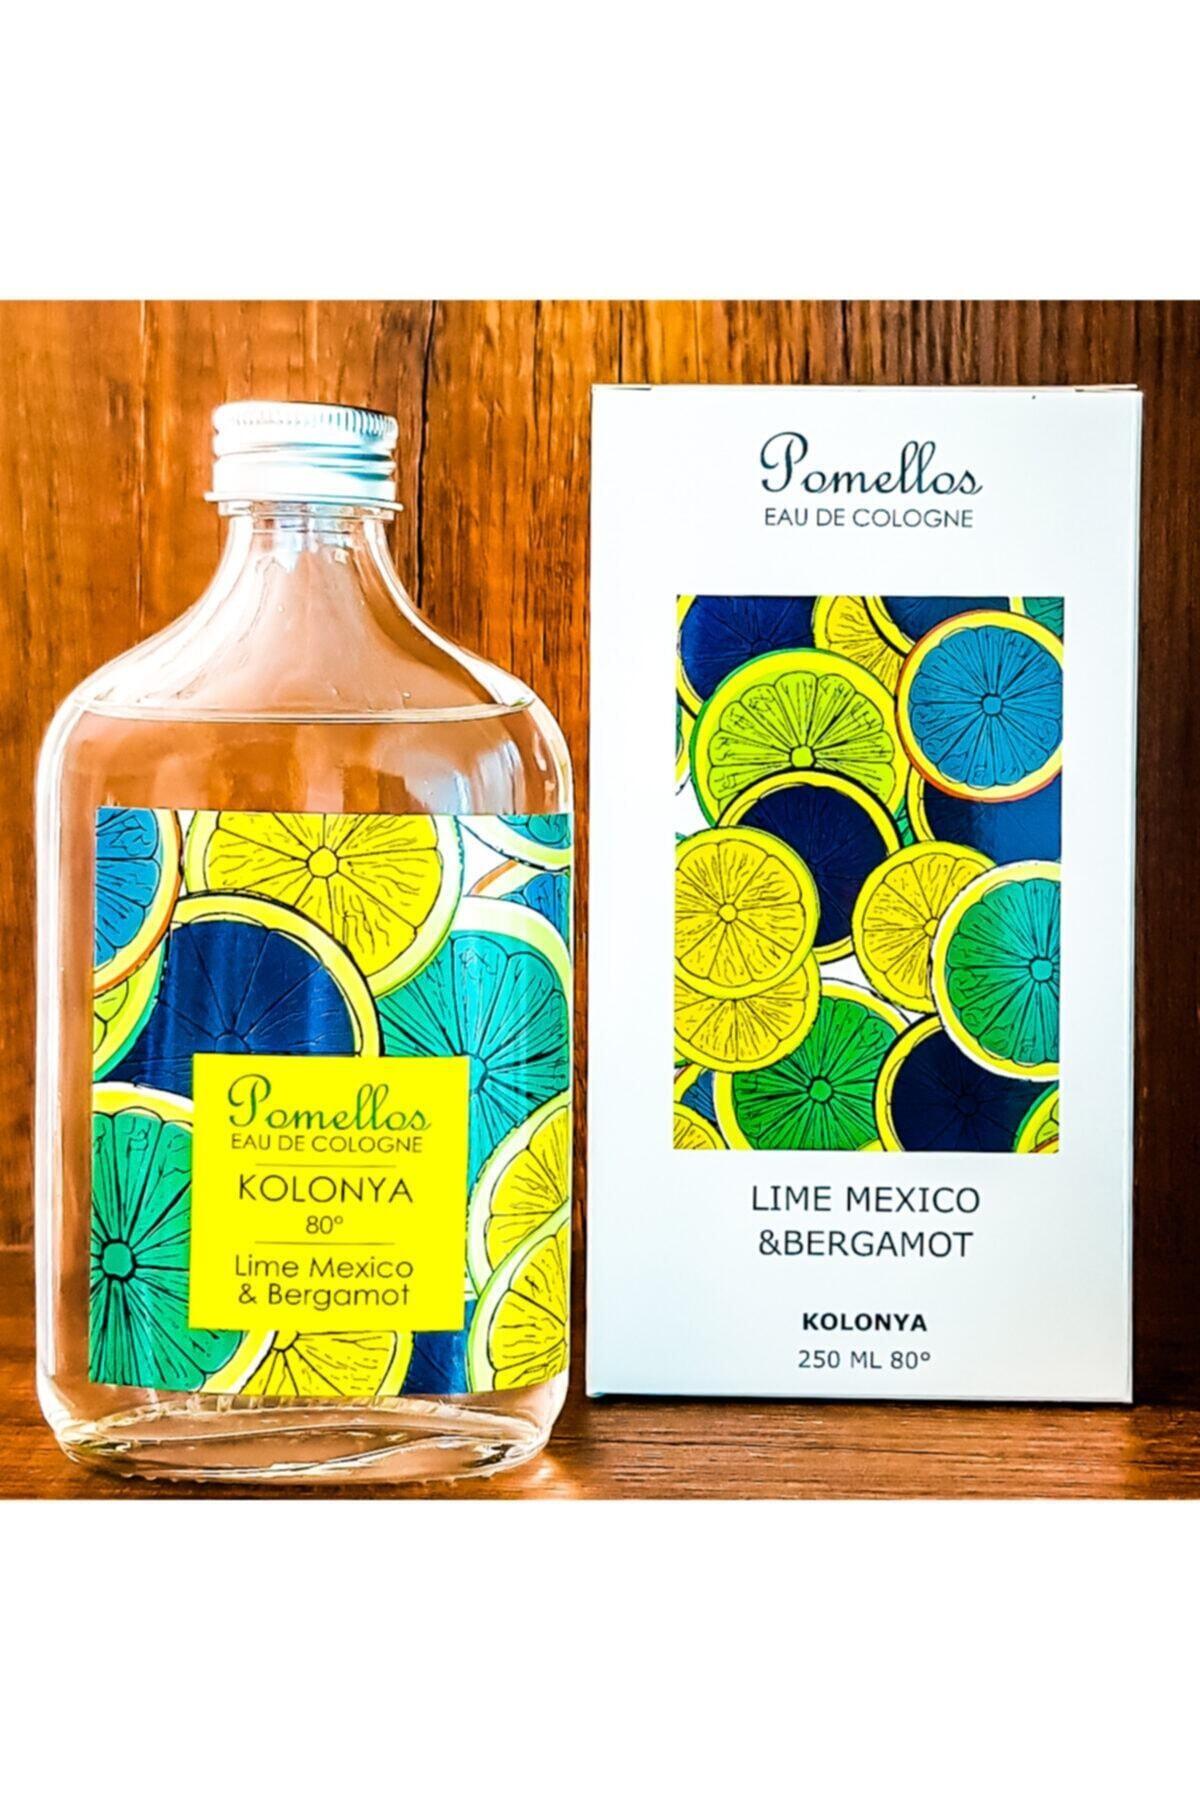 Pomellos Kolonya Lıme Mexıco&bergamot 250ml 1